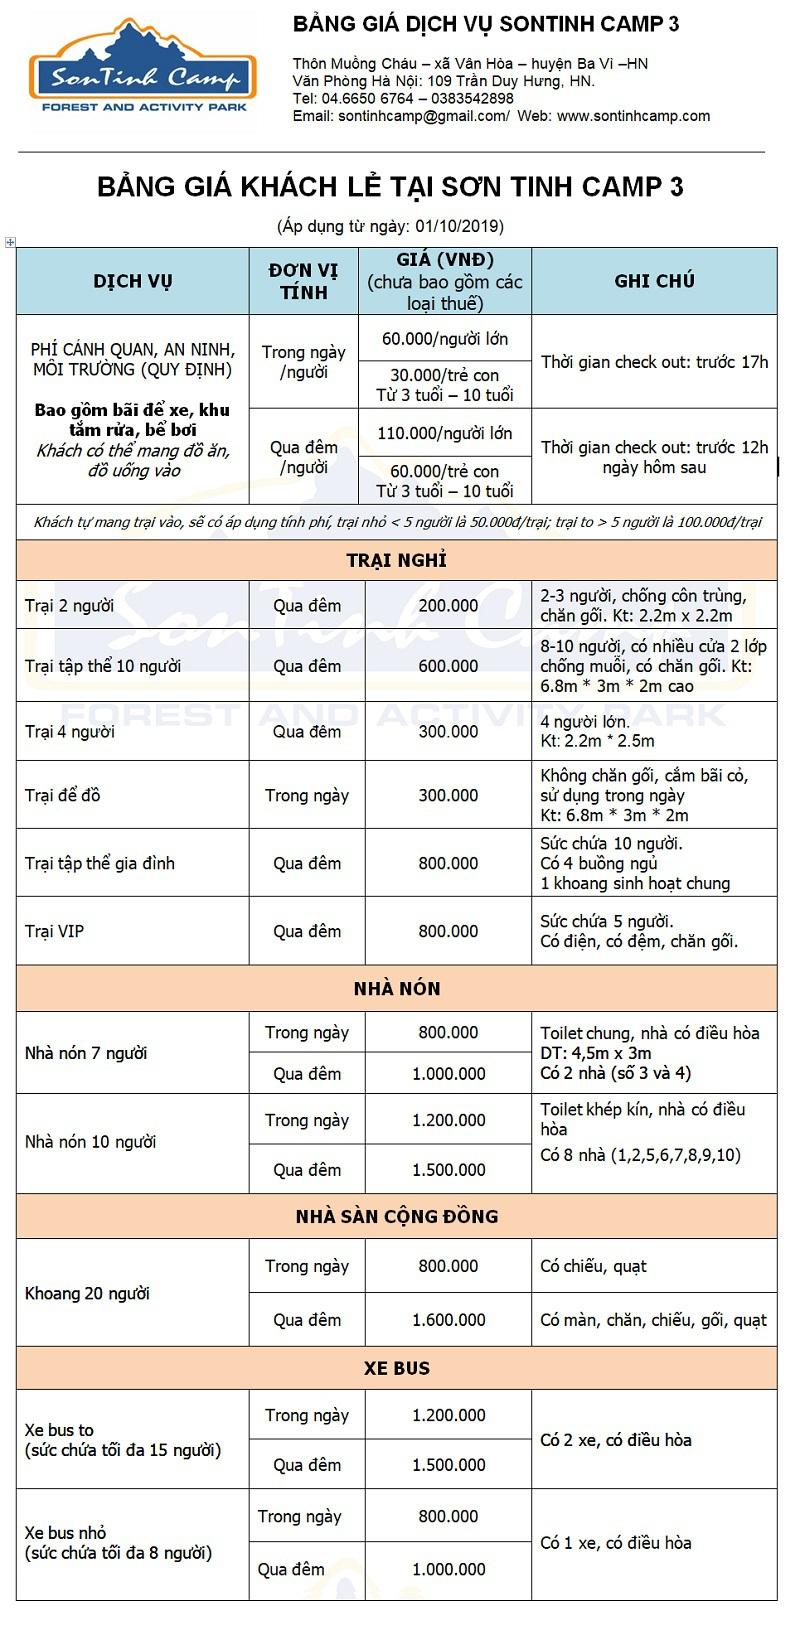 Bảng giá dịch vụ tại Sơn Tinh Camp 3